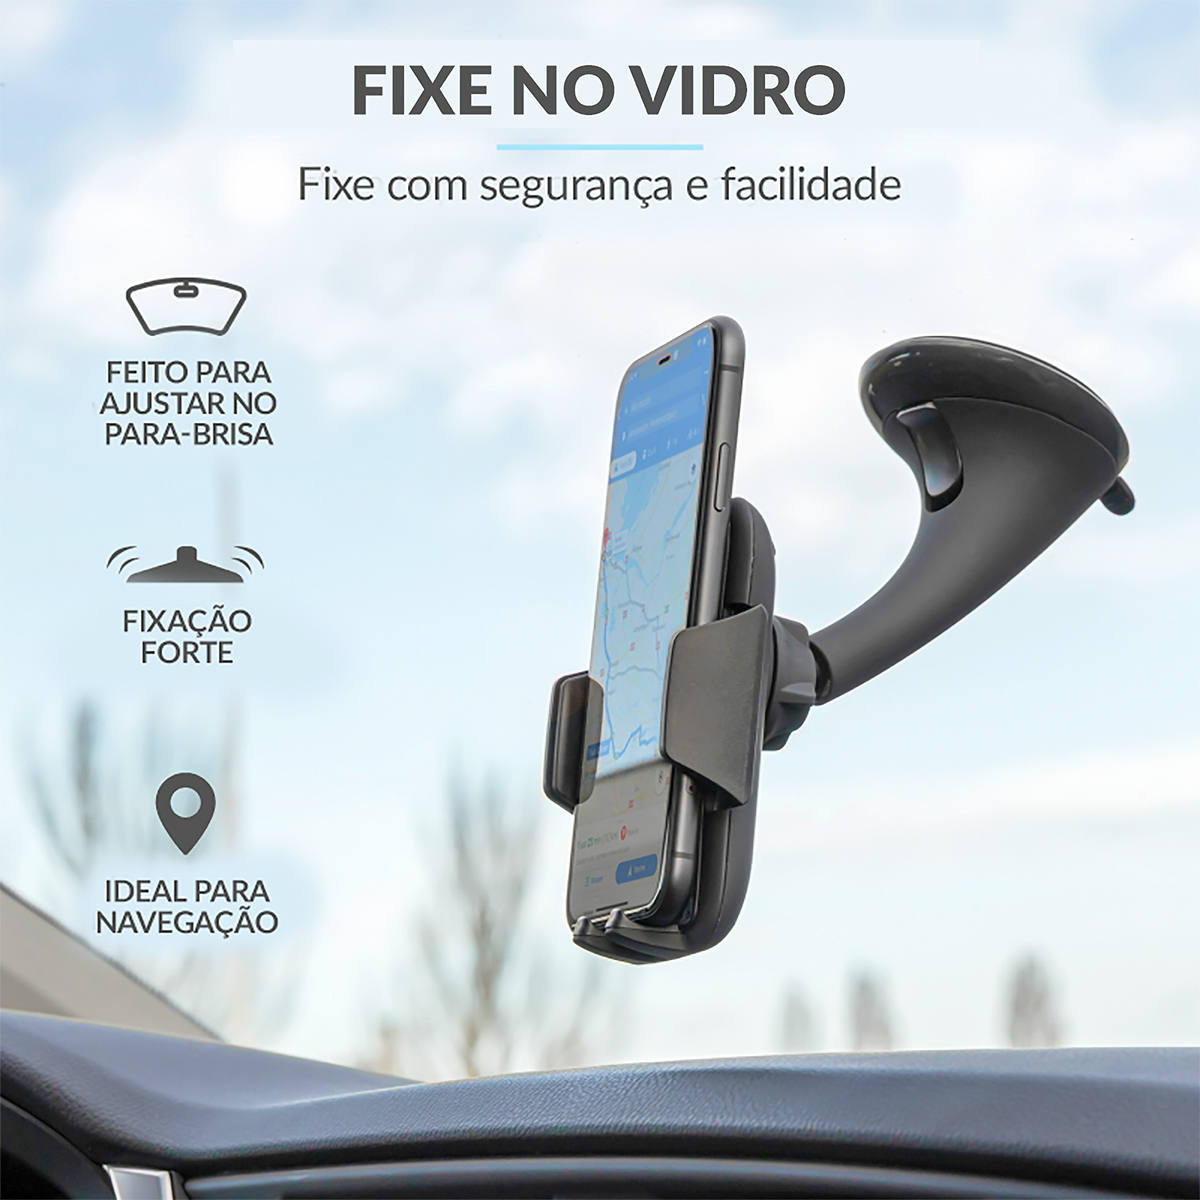 Suporte para Celular Premium para Fixar no Para-Brisa do Carro Ângulo Ajustável 360 Graus Trust Runo